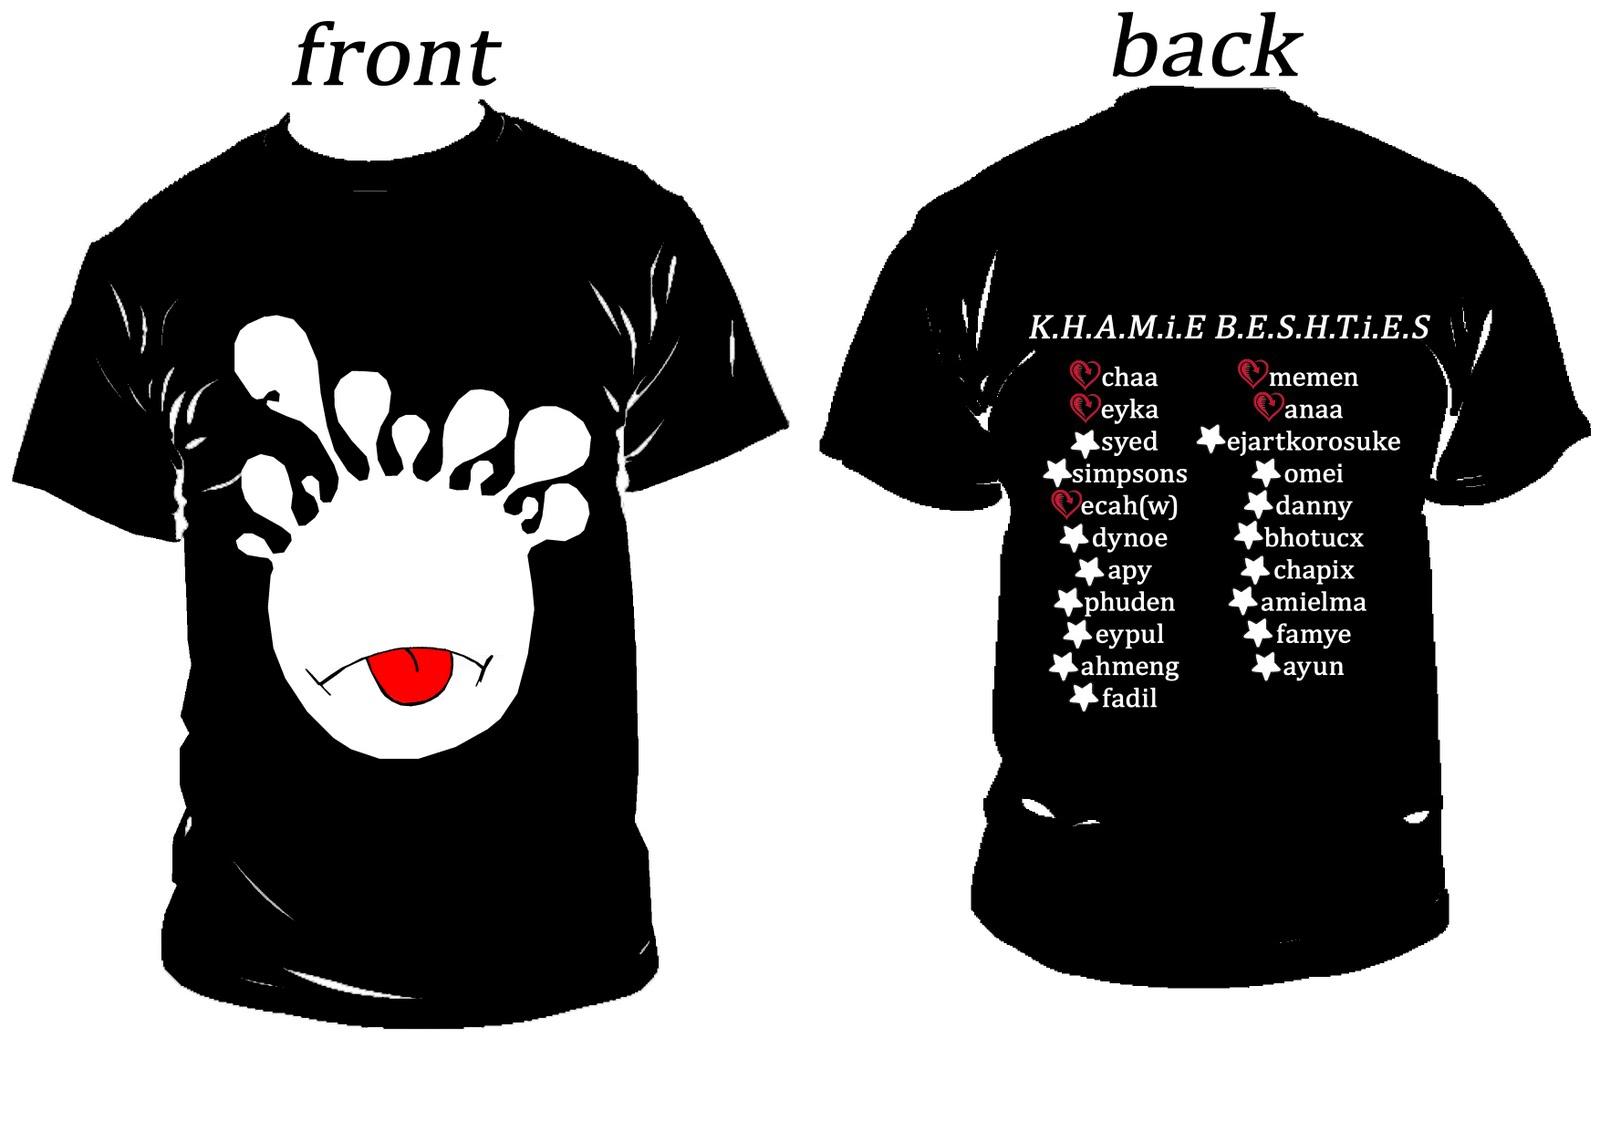 Contoh desain t shirt kelas - Design T Shirt Untuk Kelas Pelajar Sekolah Sri Skudai Telah Meminta Kami Mereka Dan Membuat